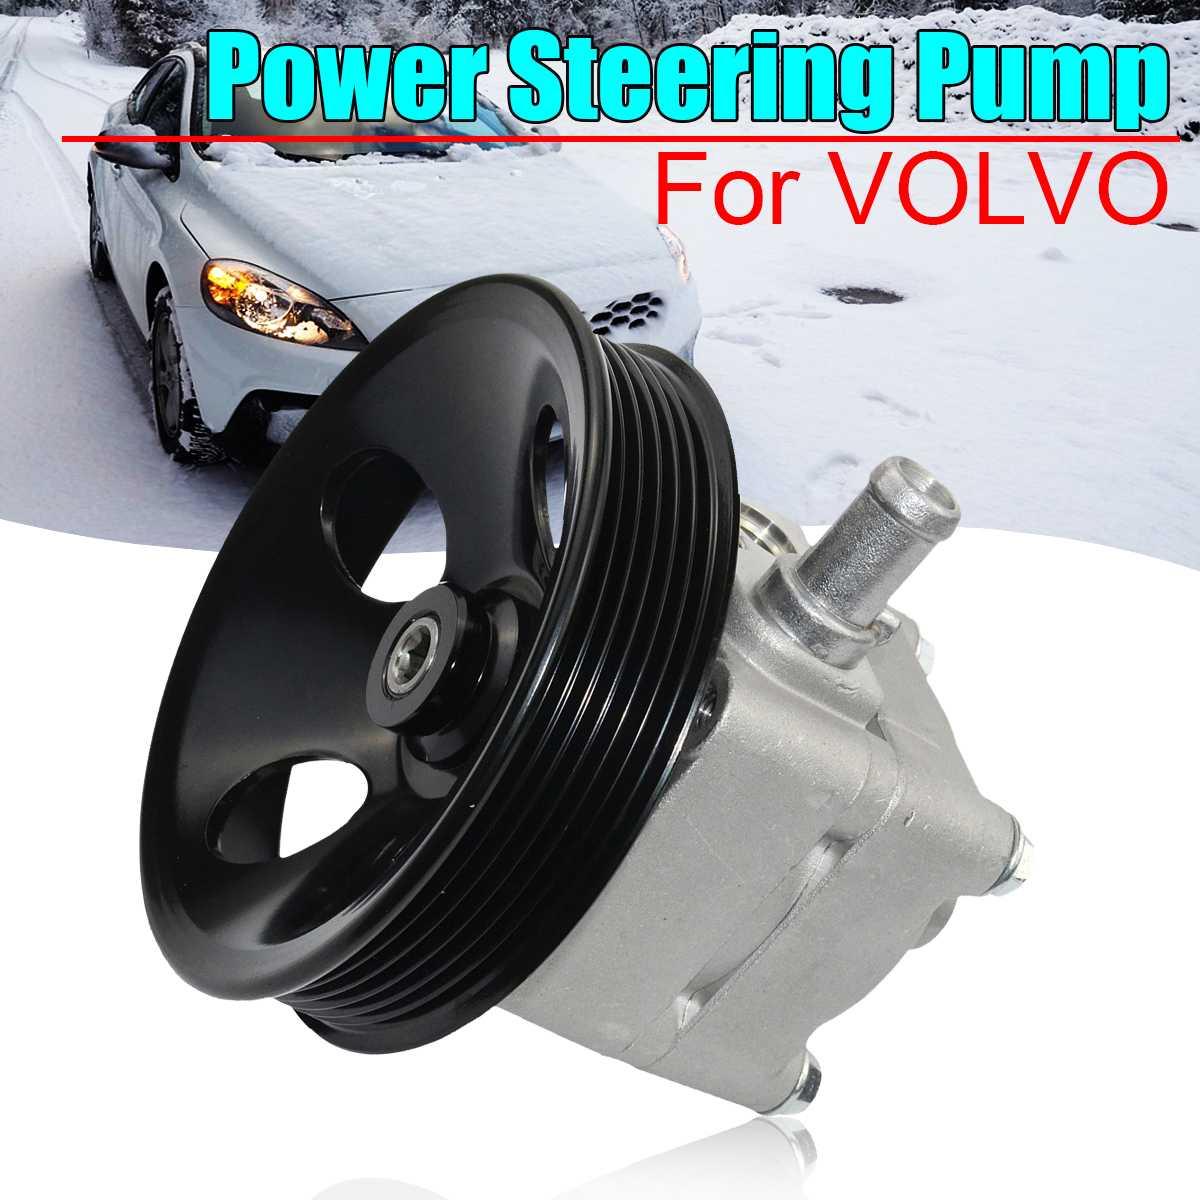 Pompe de direction assistée de voiture pour Volvo S60 V70 XC70 S80 XC90 D5 30665100/30760531 1998-2010 réservoir de pompe de direction de voiture réservoir d'huile